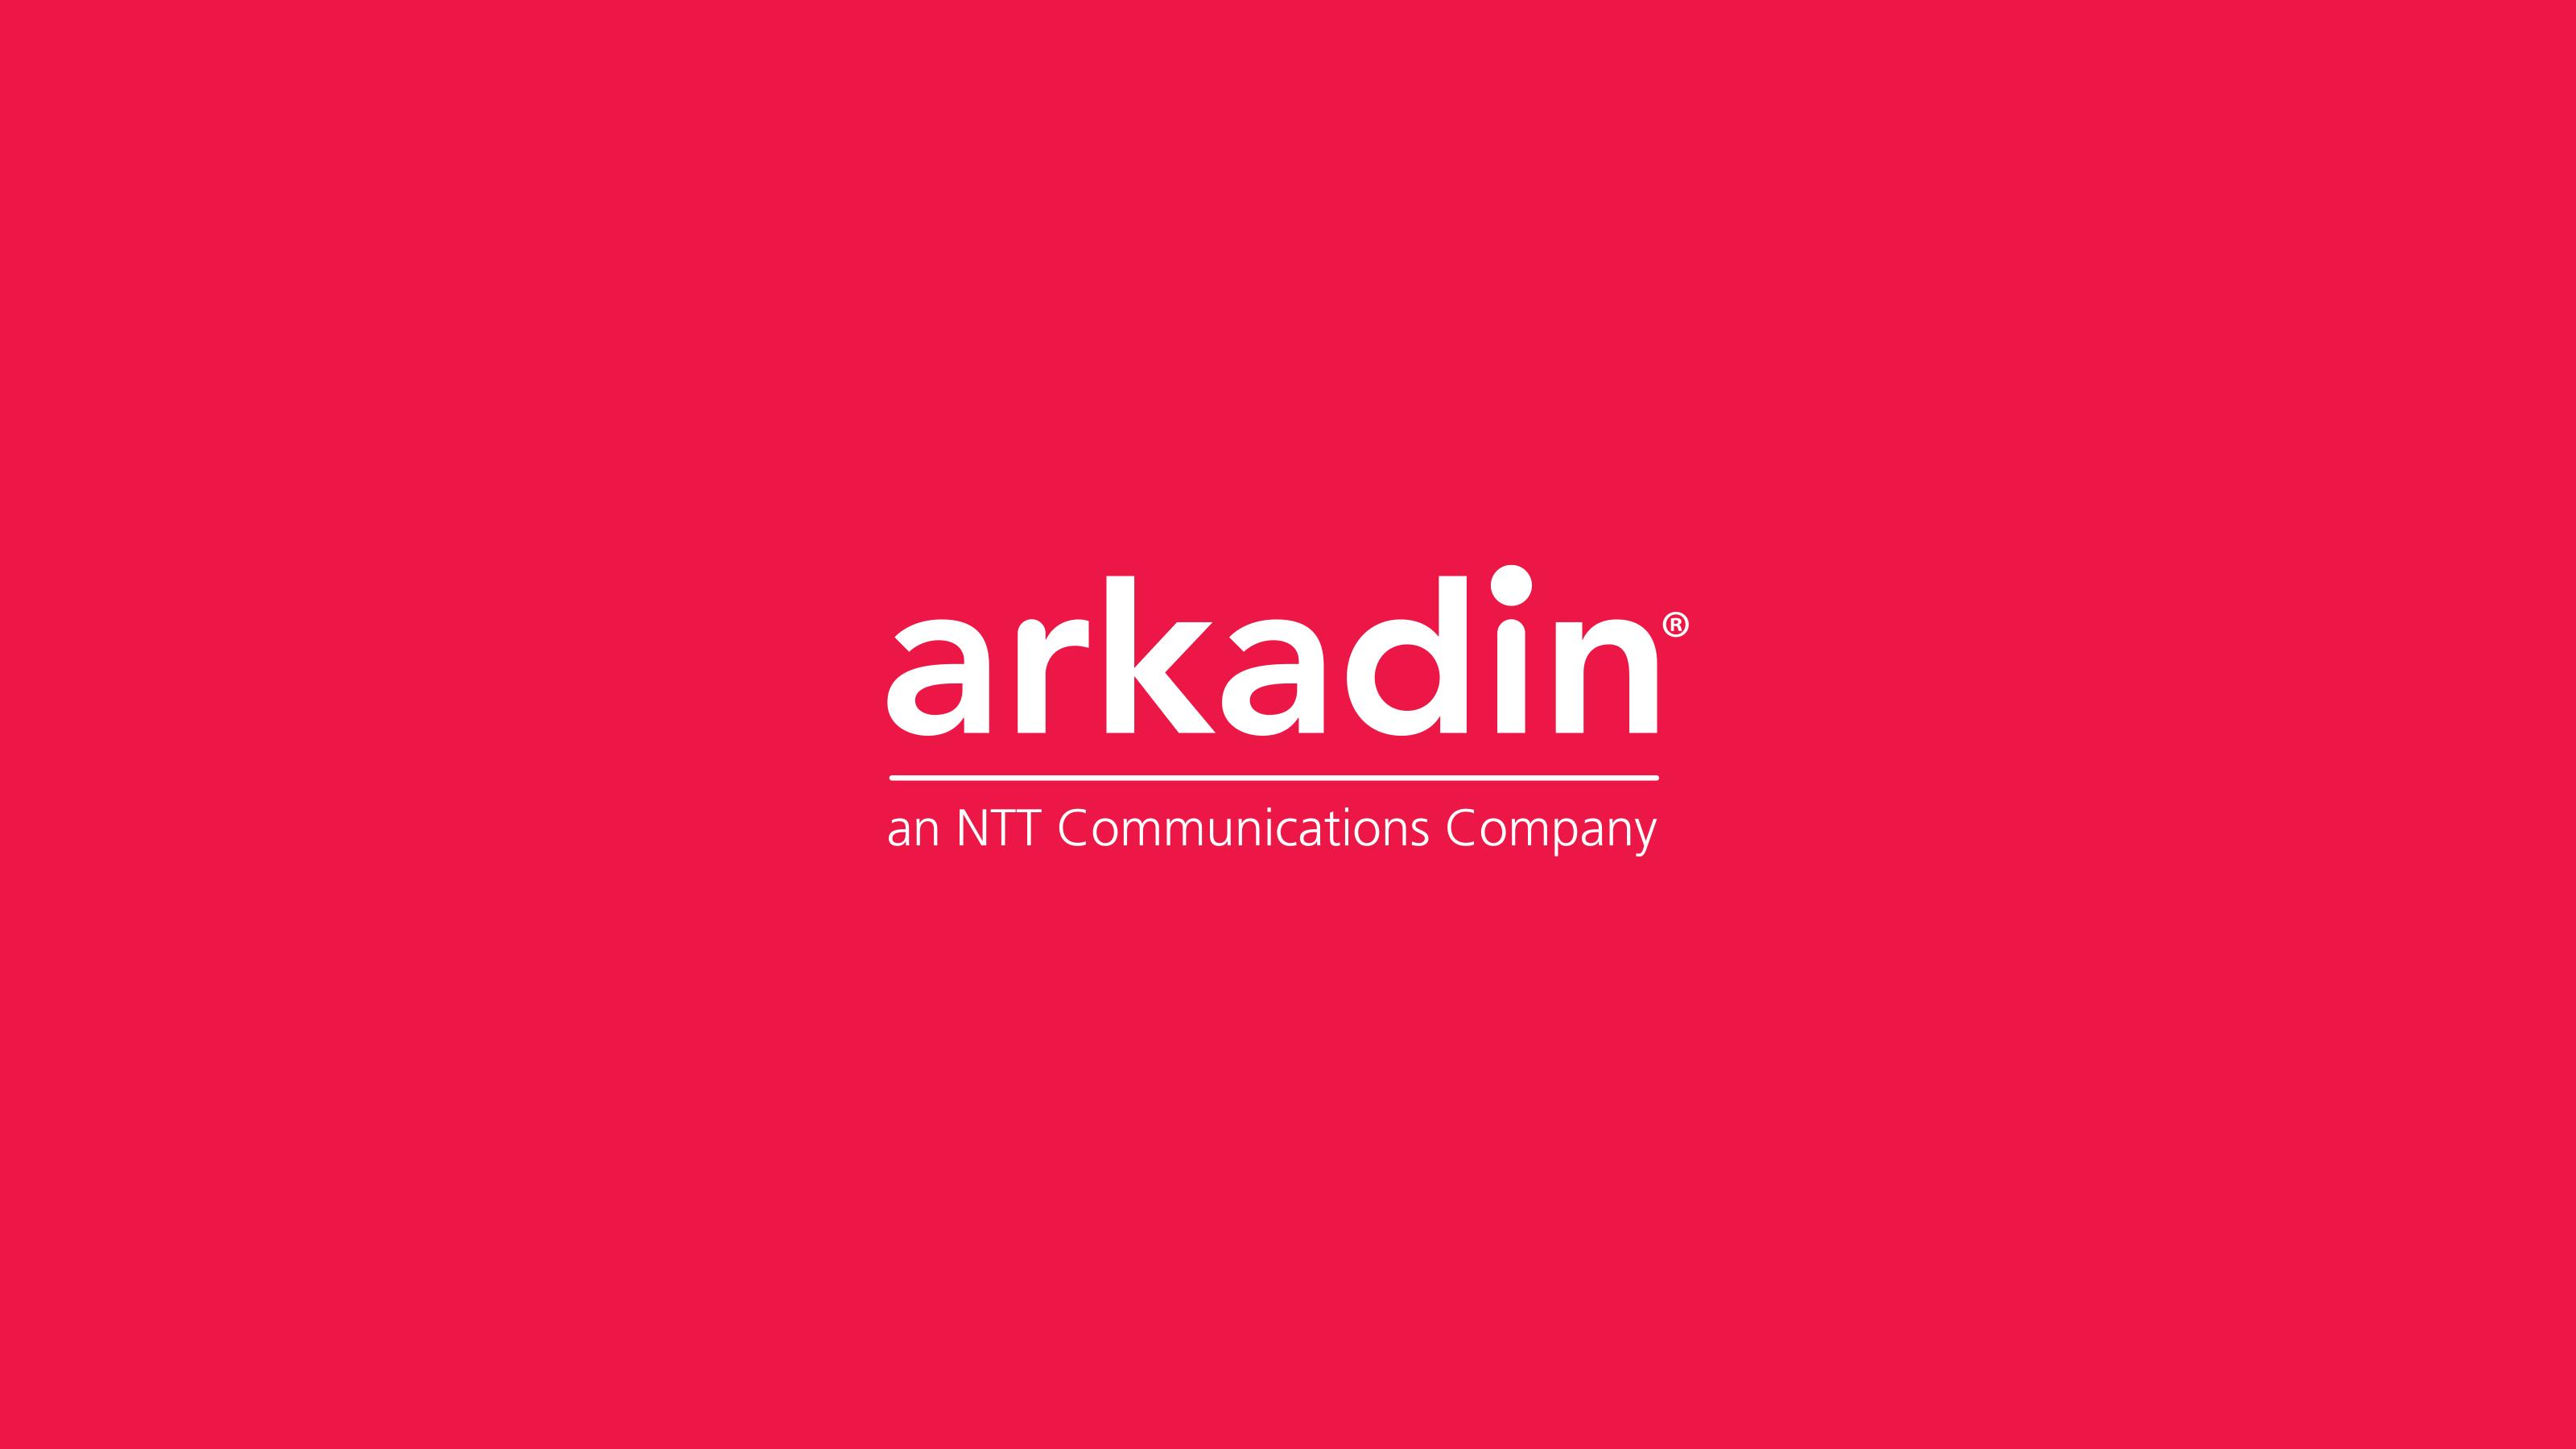 brand logo red background Arkadin